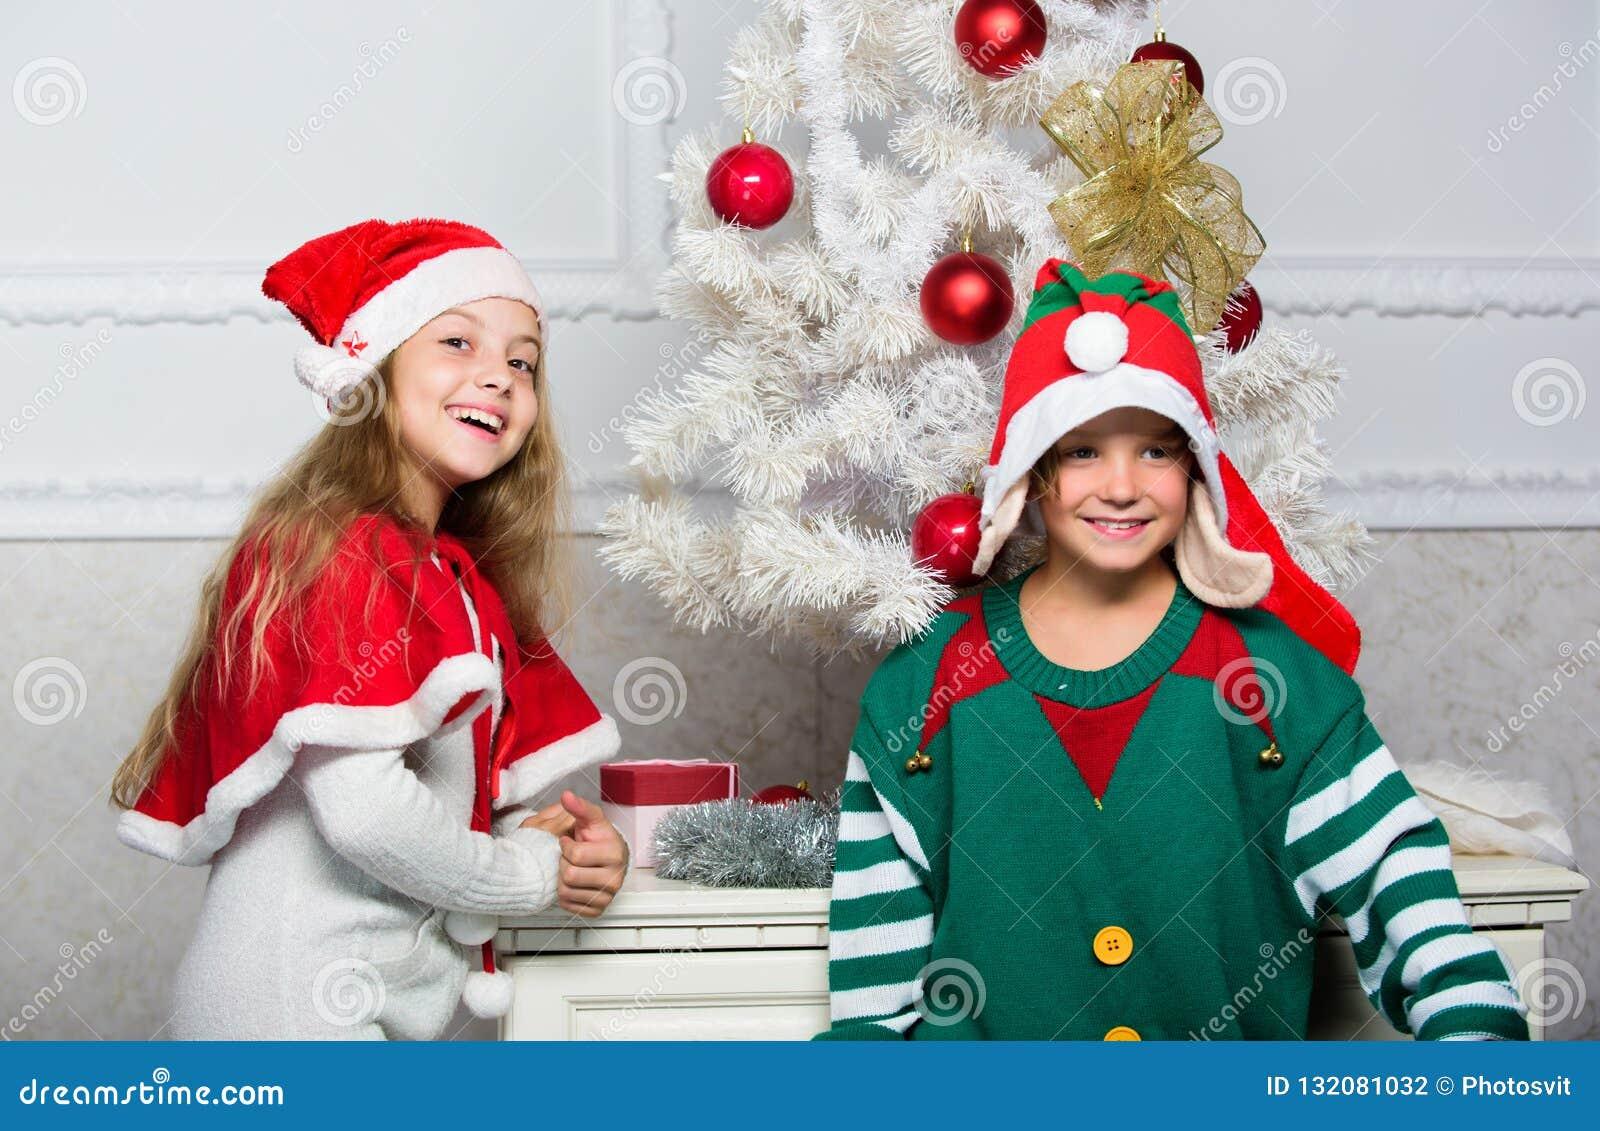 Tradition de vacances de famille Les enfants gais célèbrent Noël Les enfants de mêmes parents préparent pour célébrer Noël ou pou